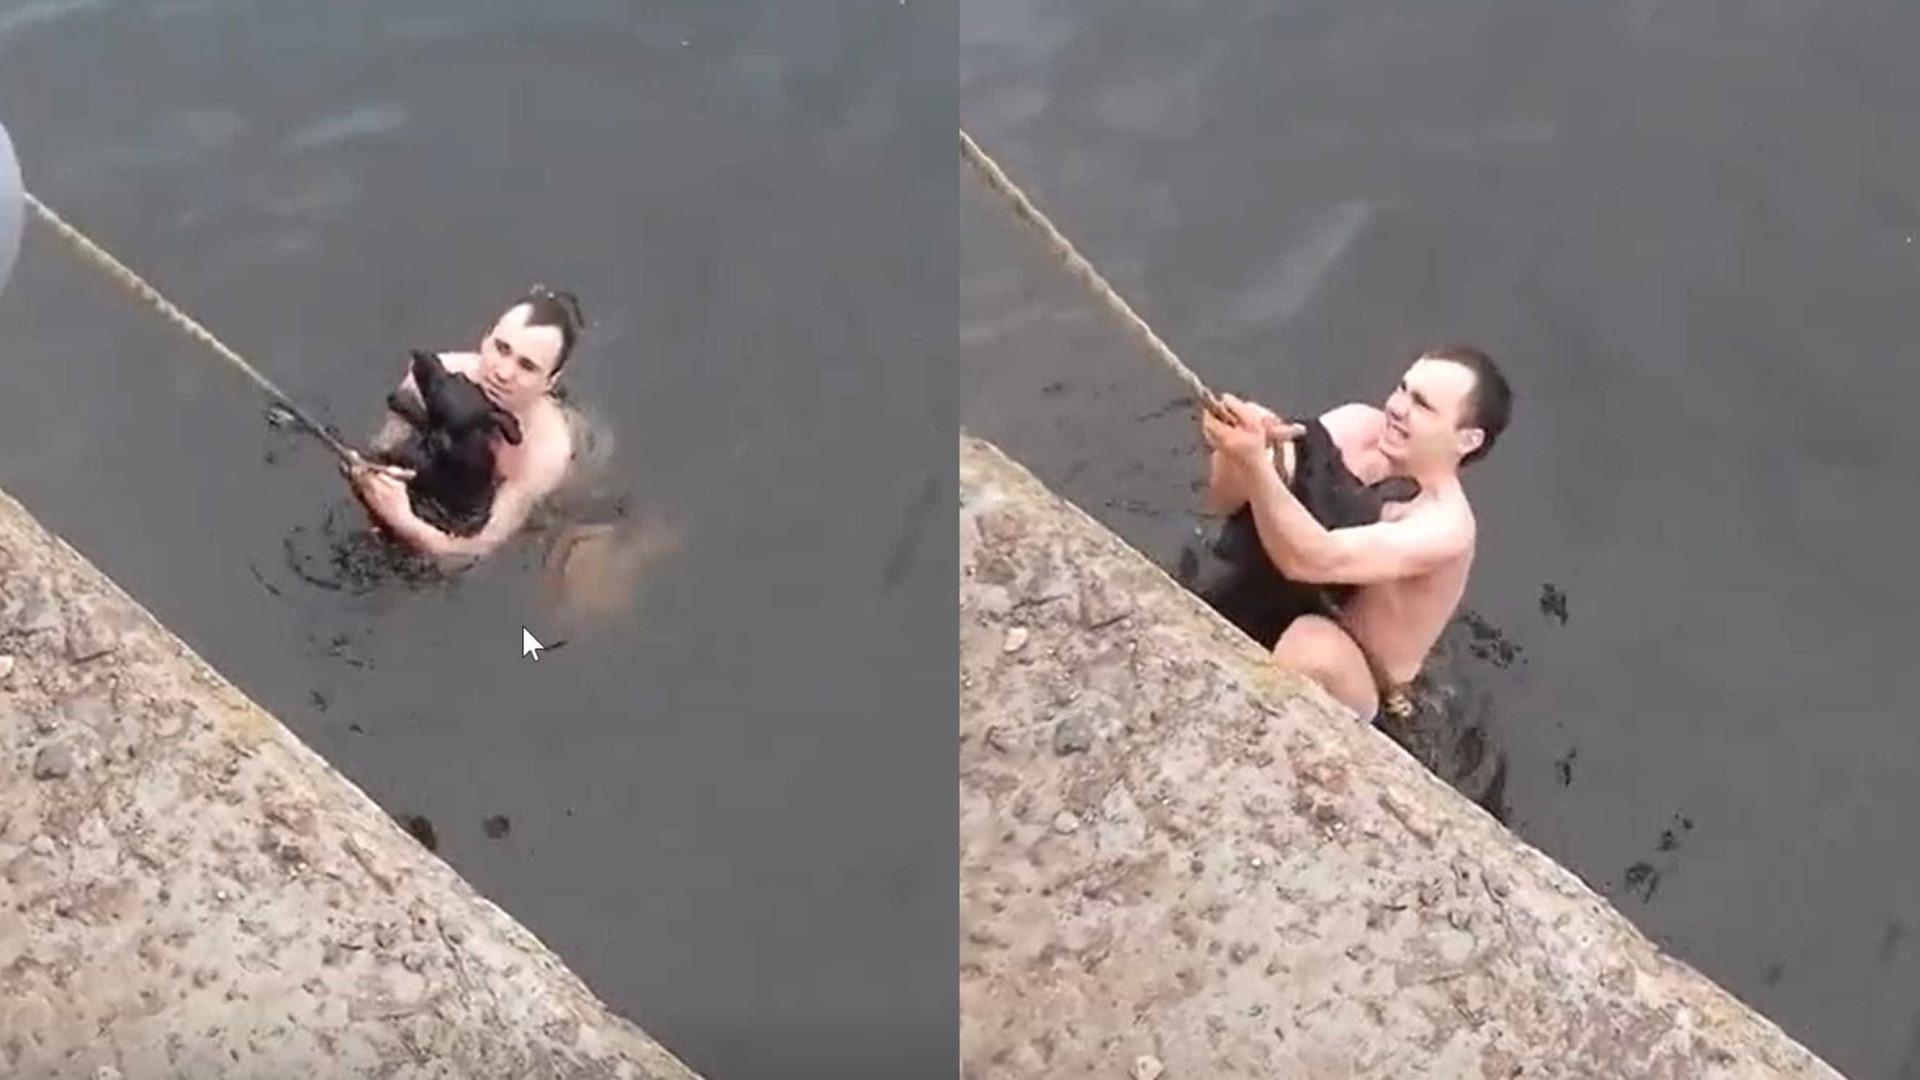 Nem todo herói usa capa: jovem salva cão de lago gelado